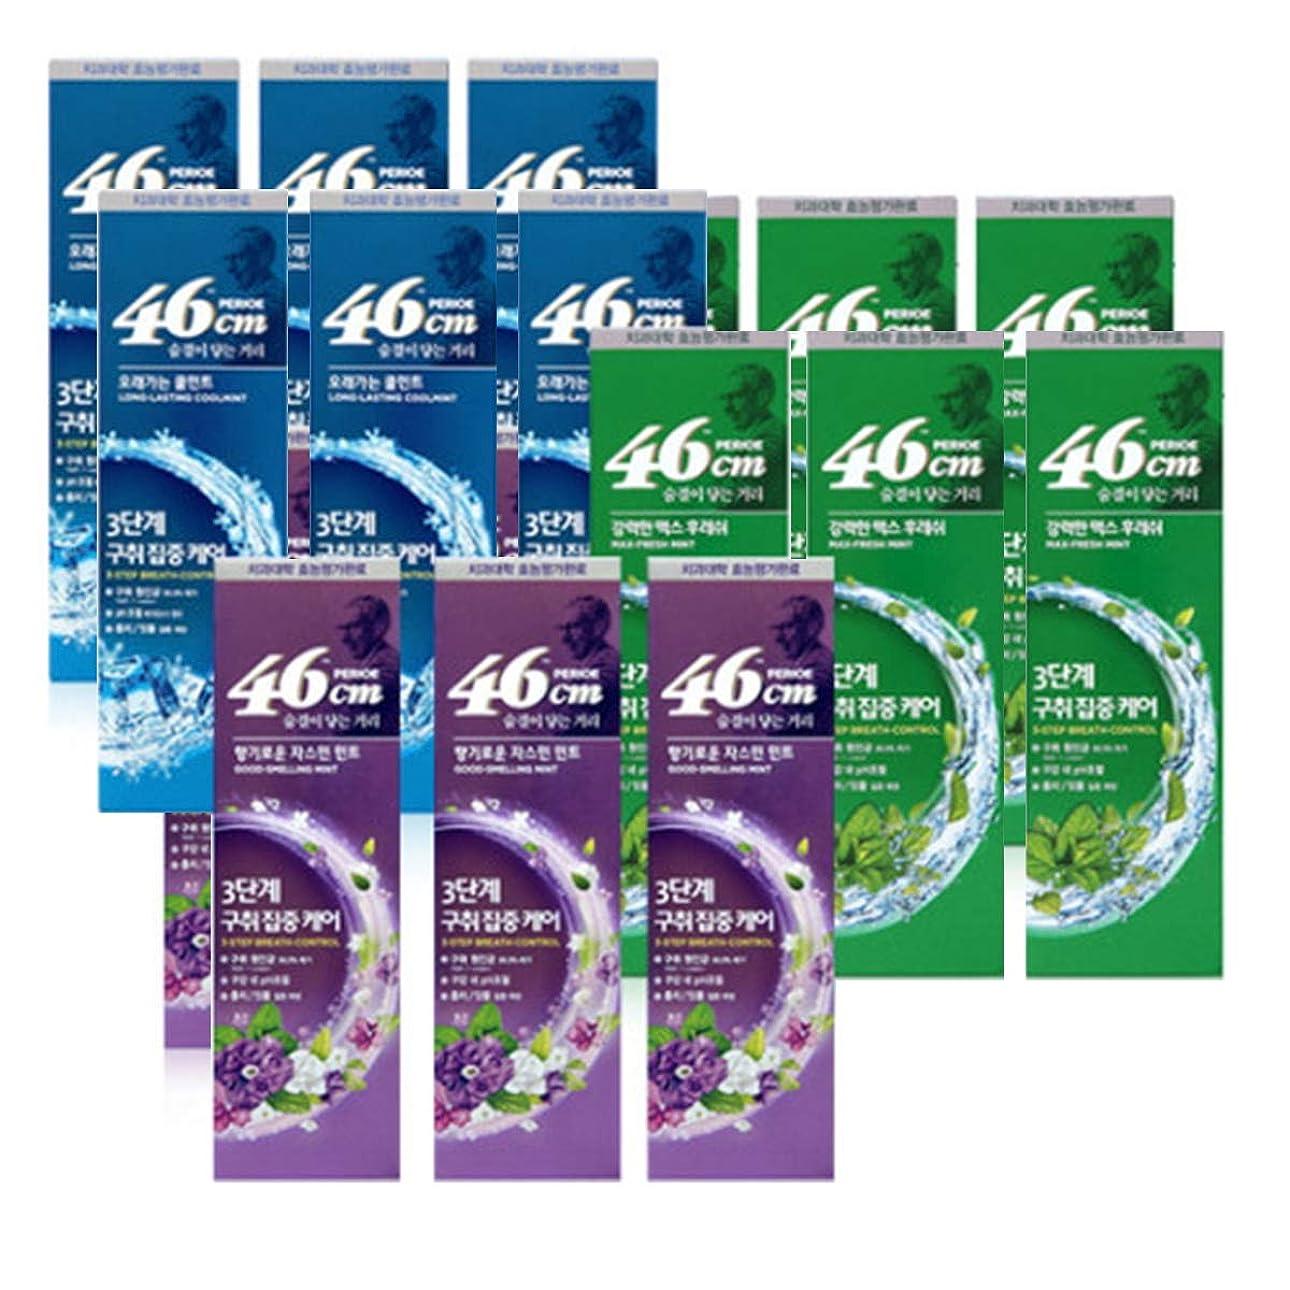 支払い活発悲惨[LG HnB] Perio 46cm toothpaste / ペリオ46cm歯磨き粉 100gx18個(海外直送品)